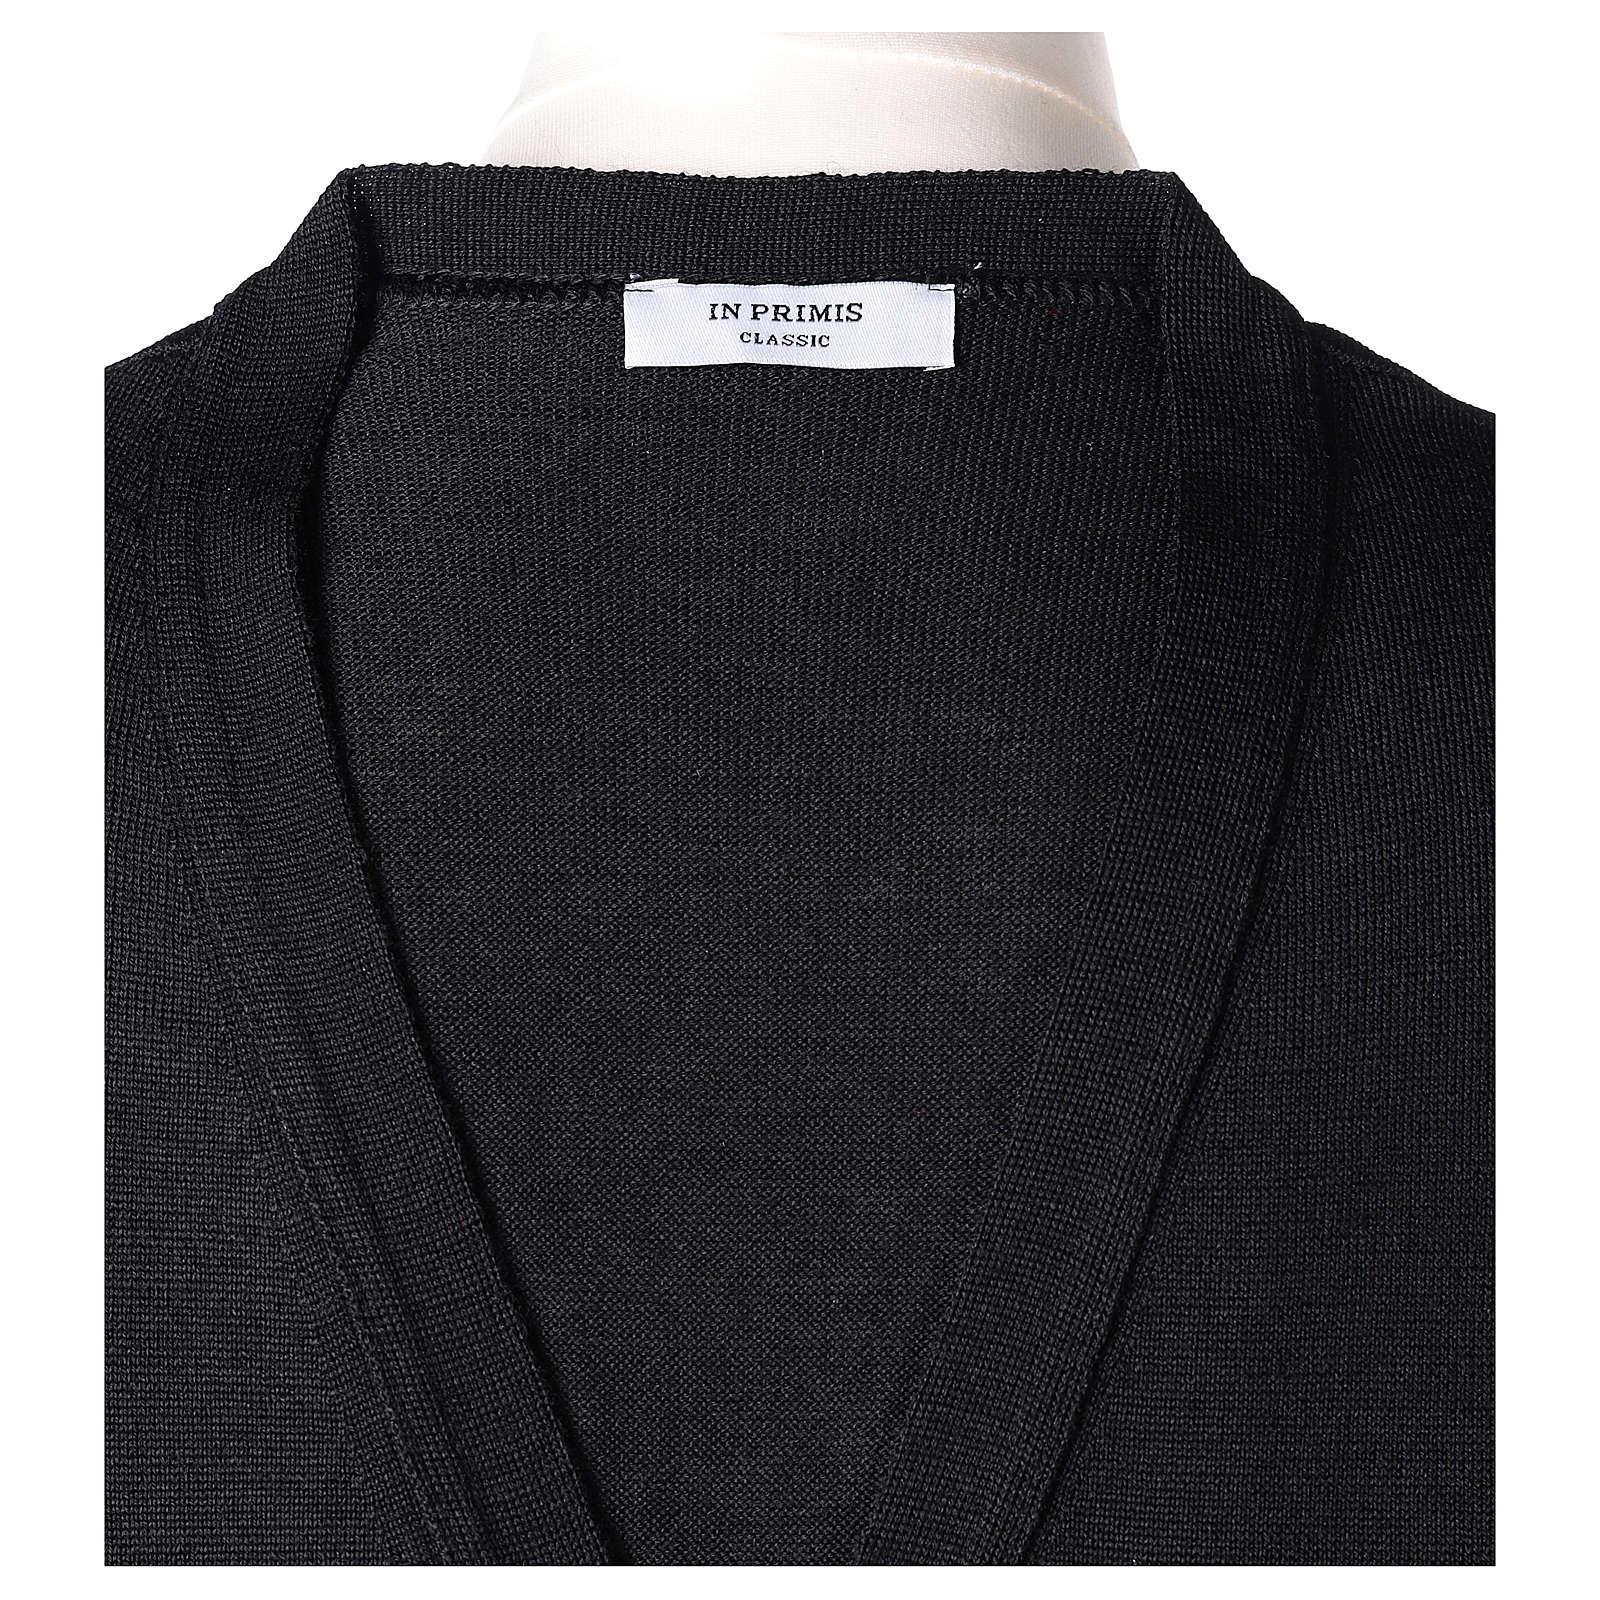 Gilet sacerdote aperto 50% lana merino 50% acrilico maglia rasata nero In Primis 4